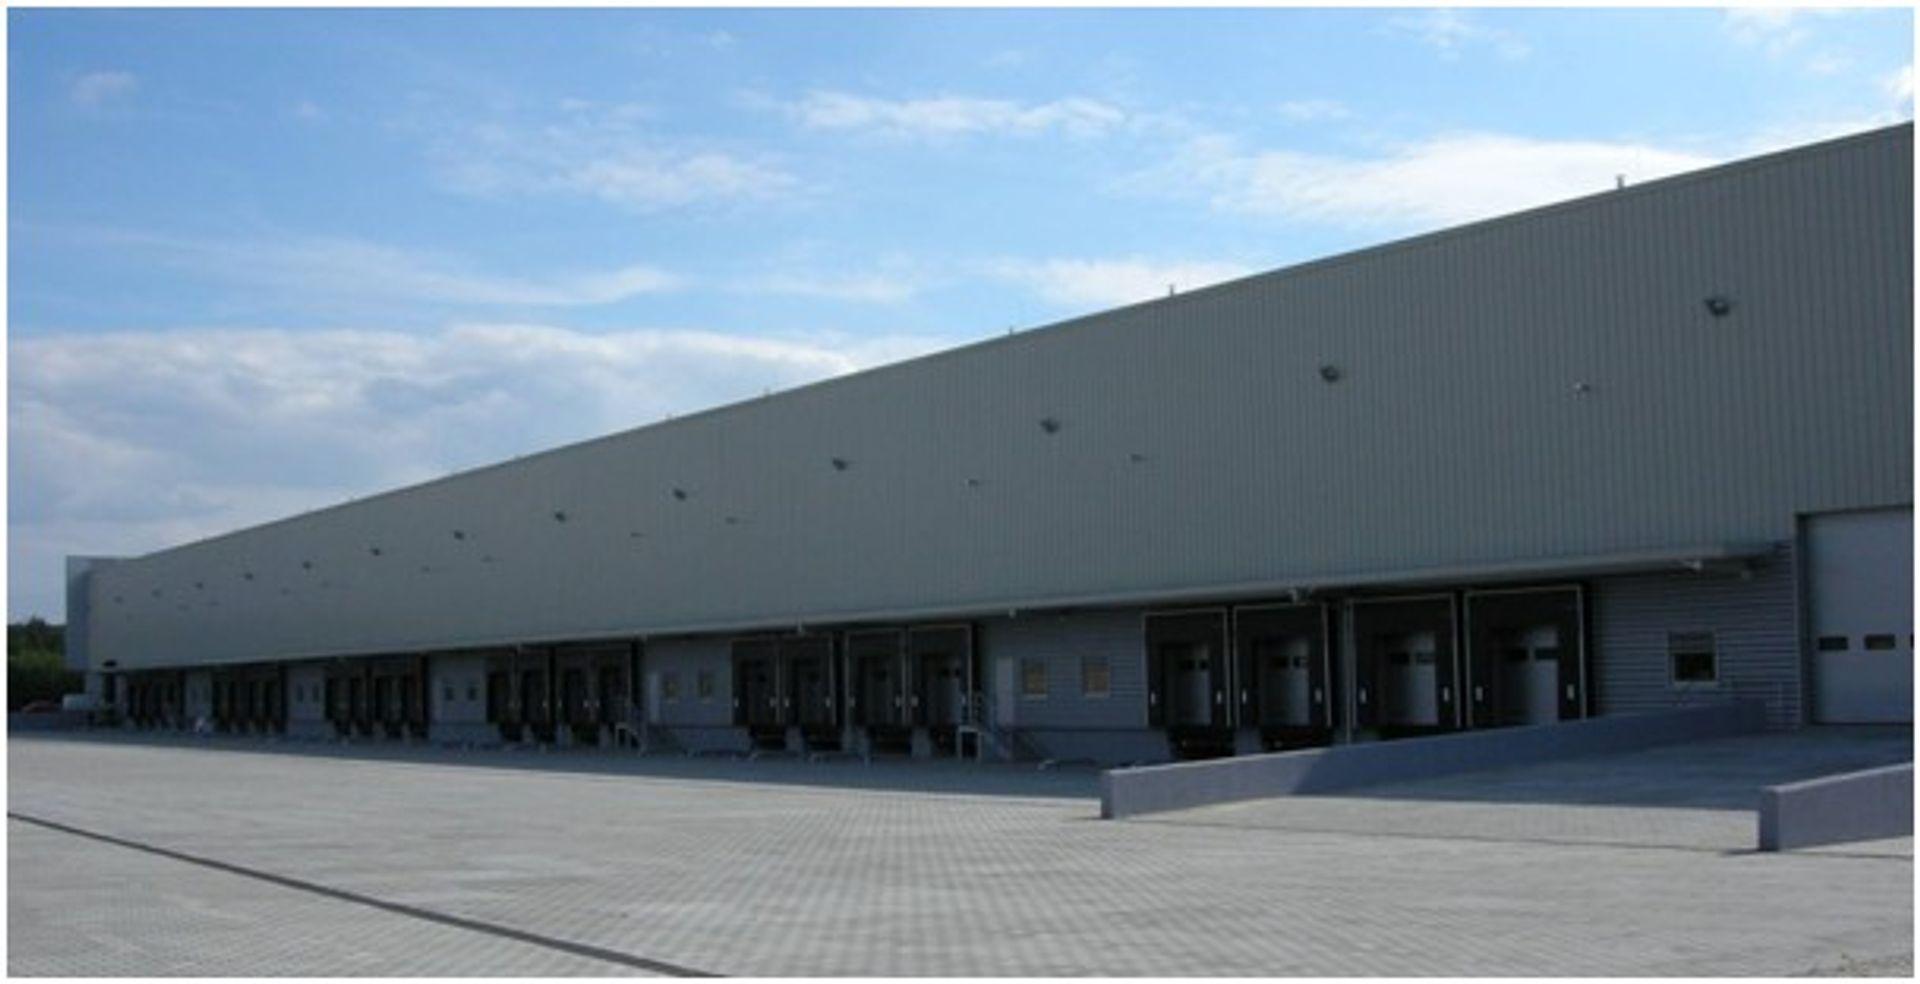 [śląskie] Dachser przedłuża najem w Śląskim Centrum Logistycznym